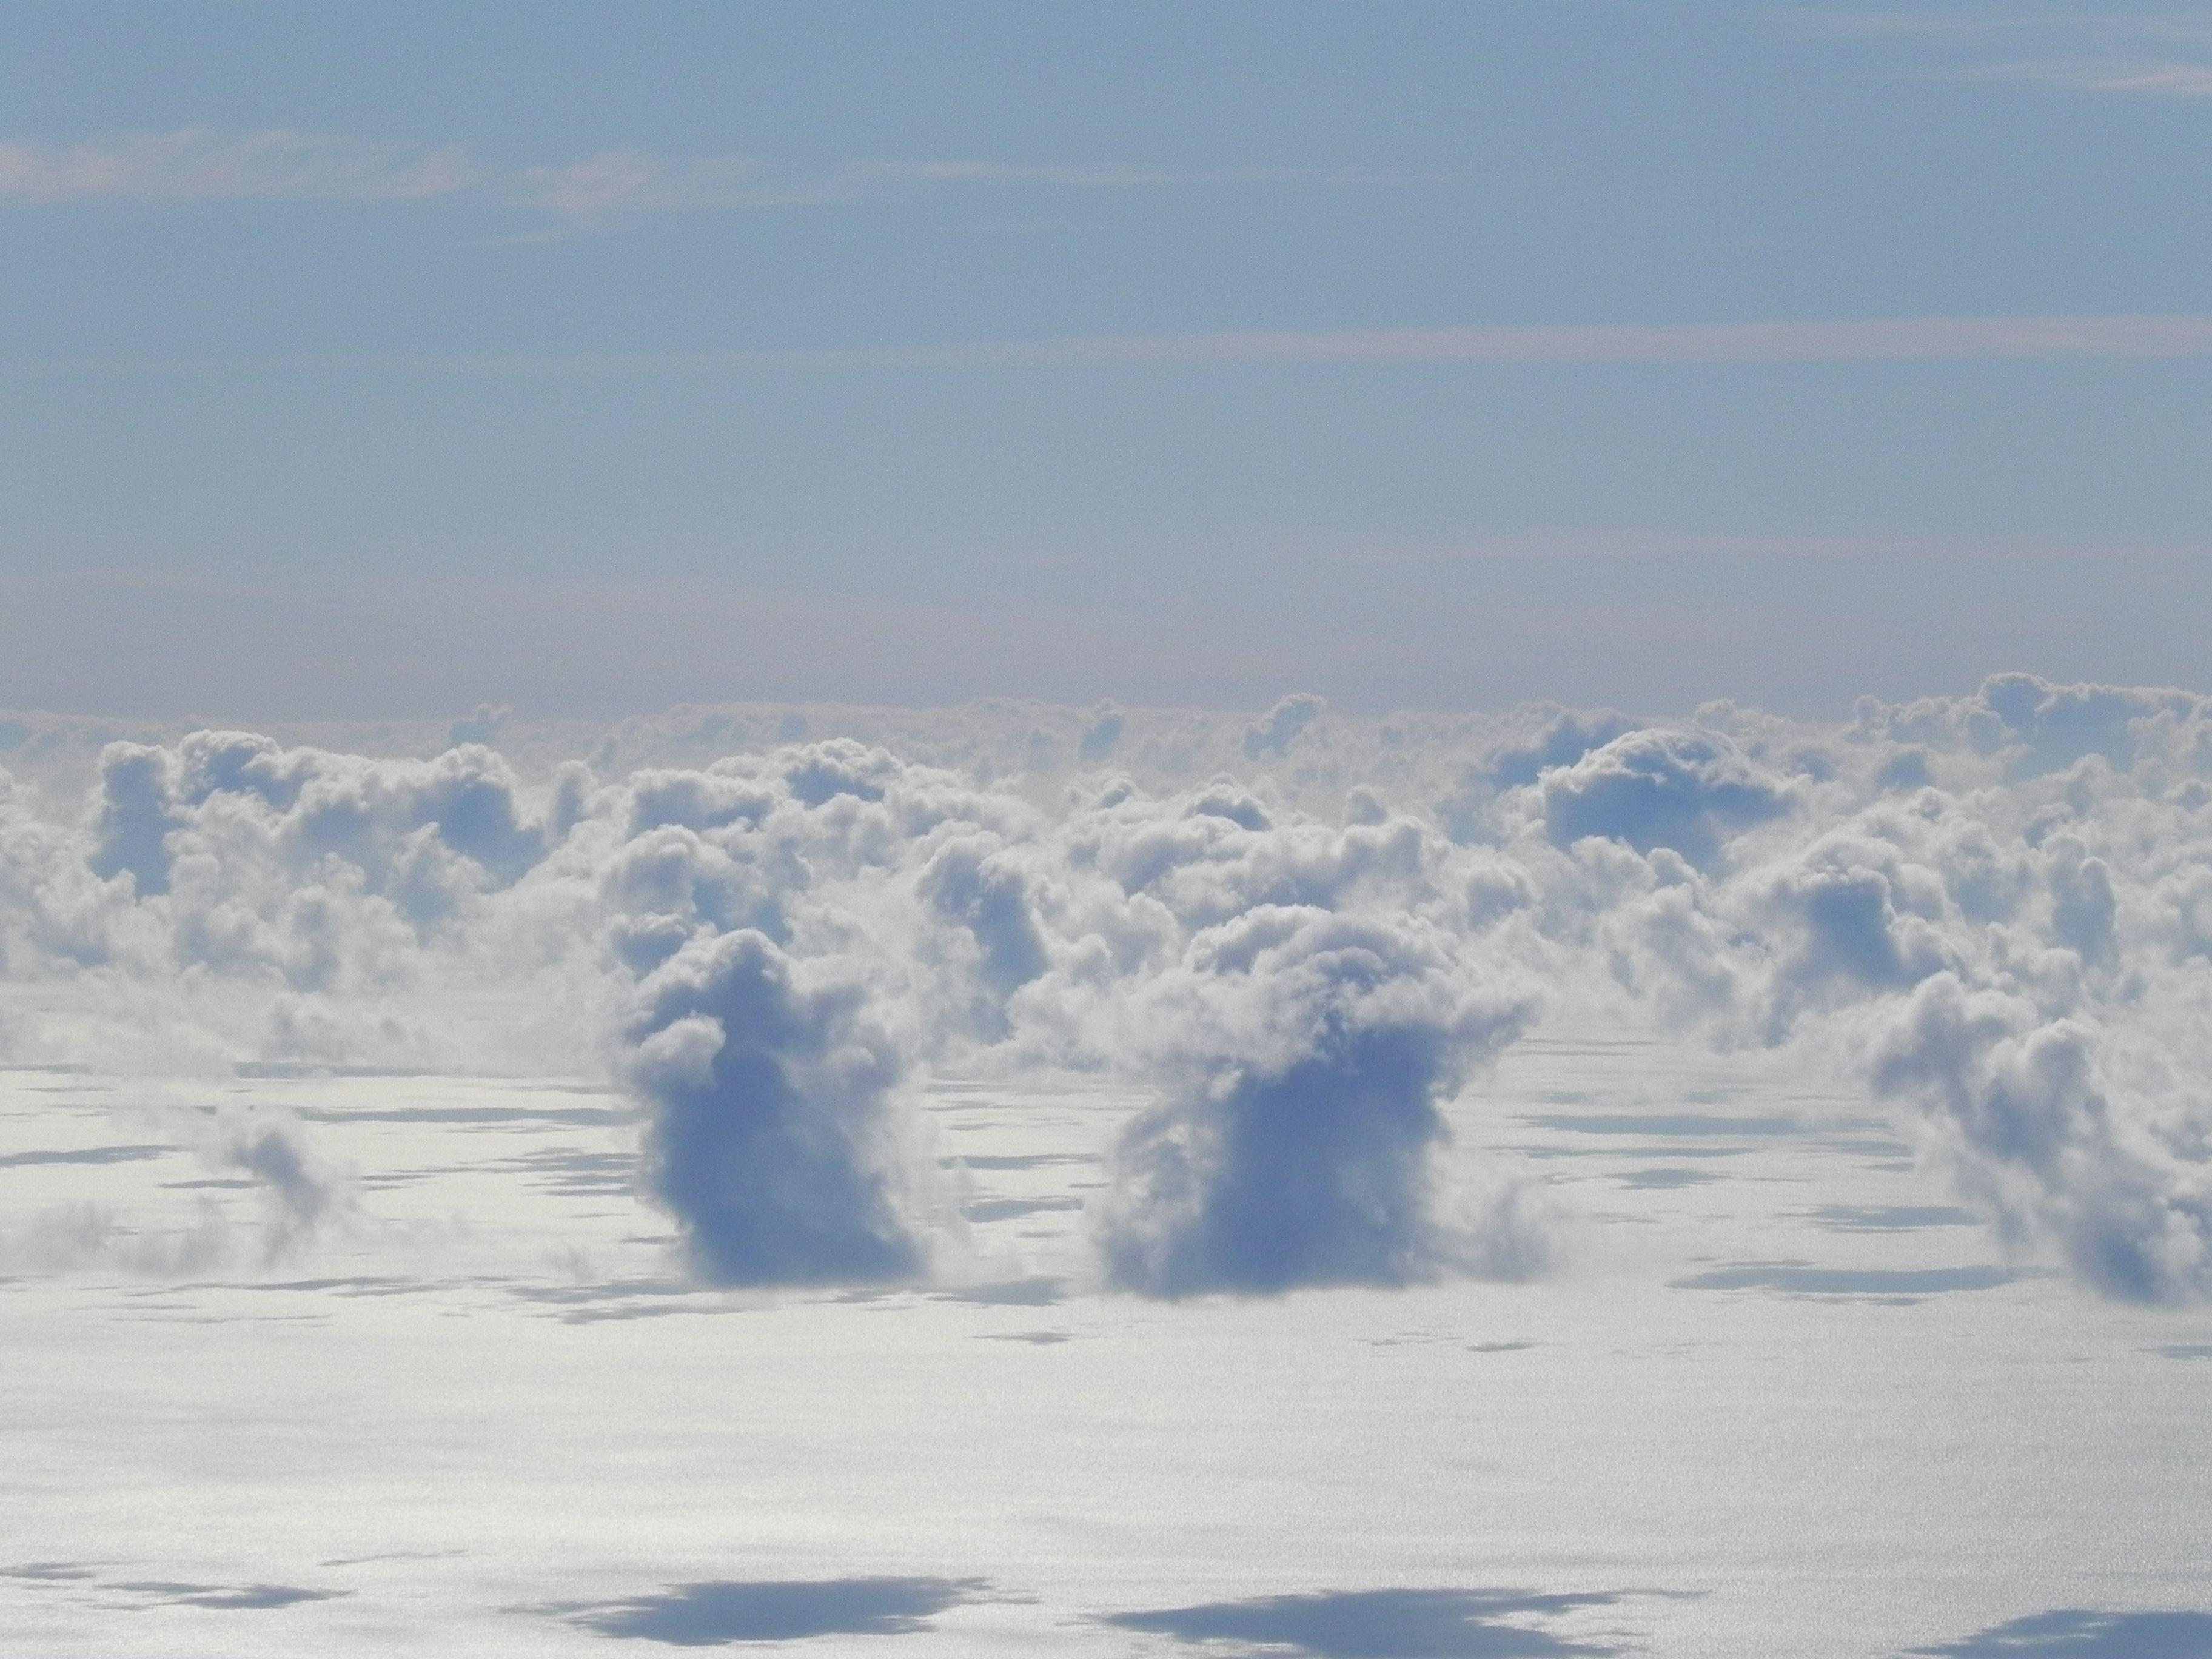 Las nubes desde Izaña - Tenerife